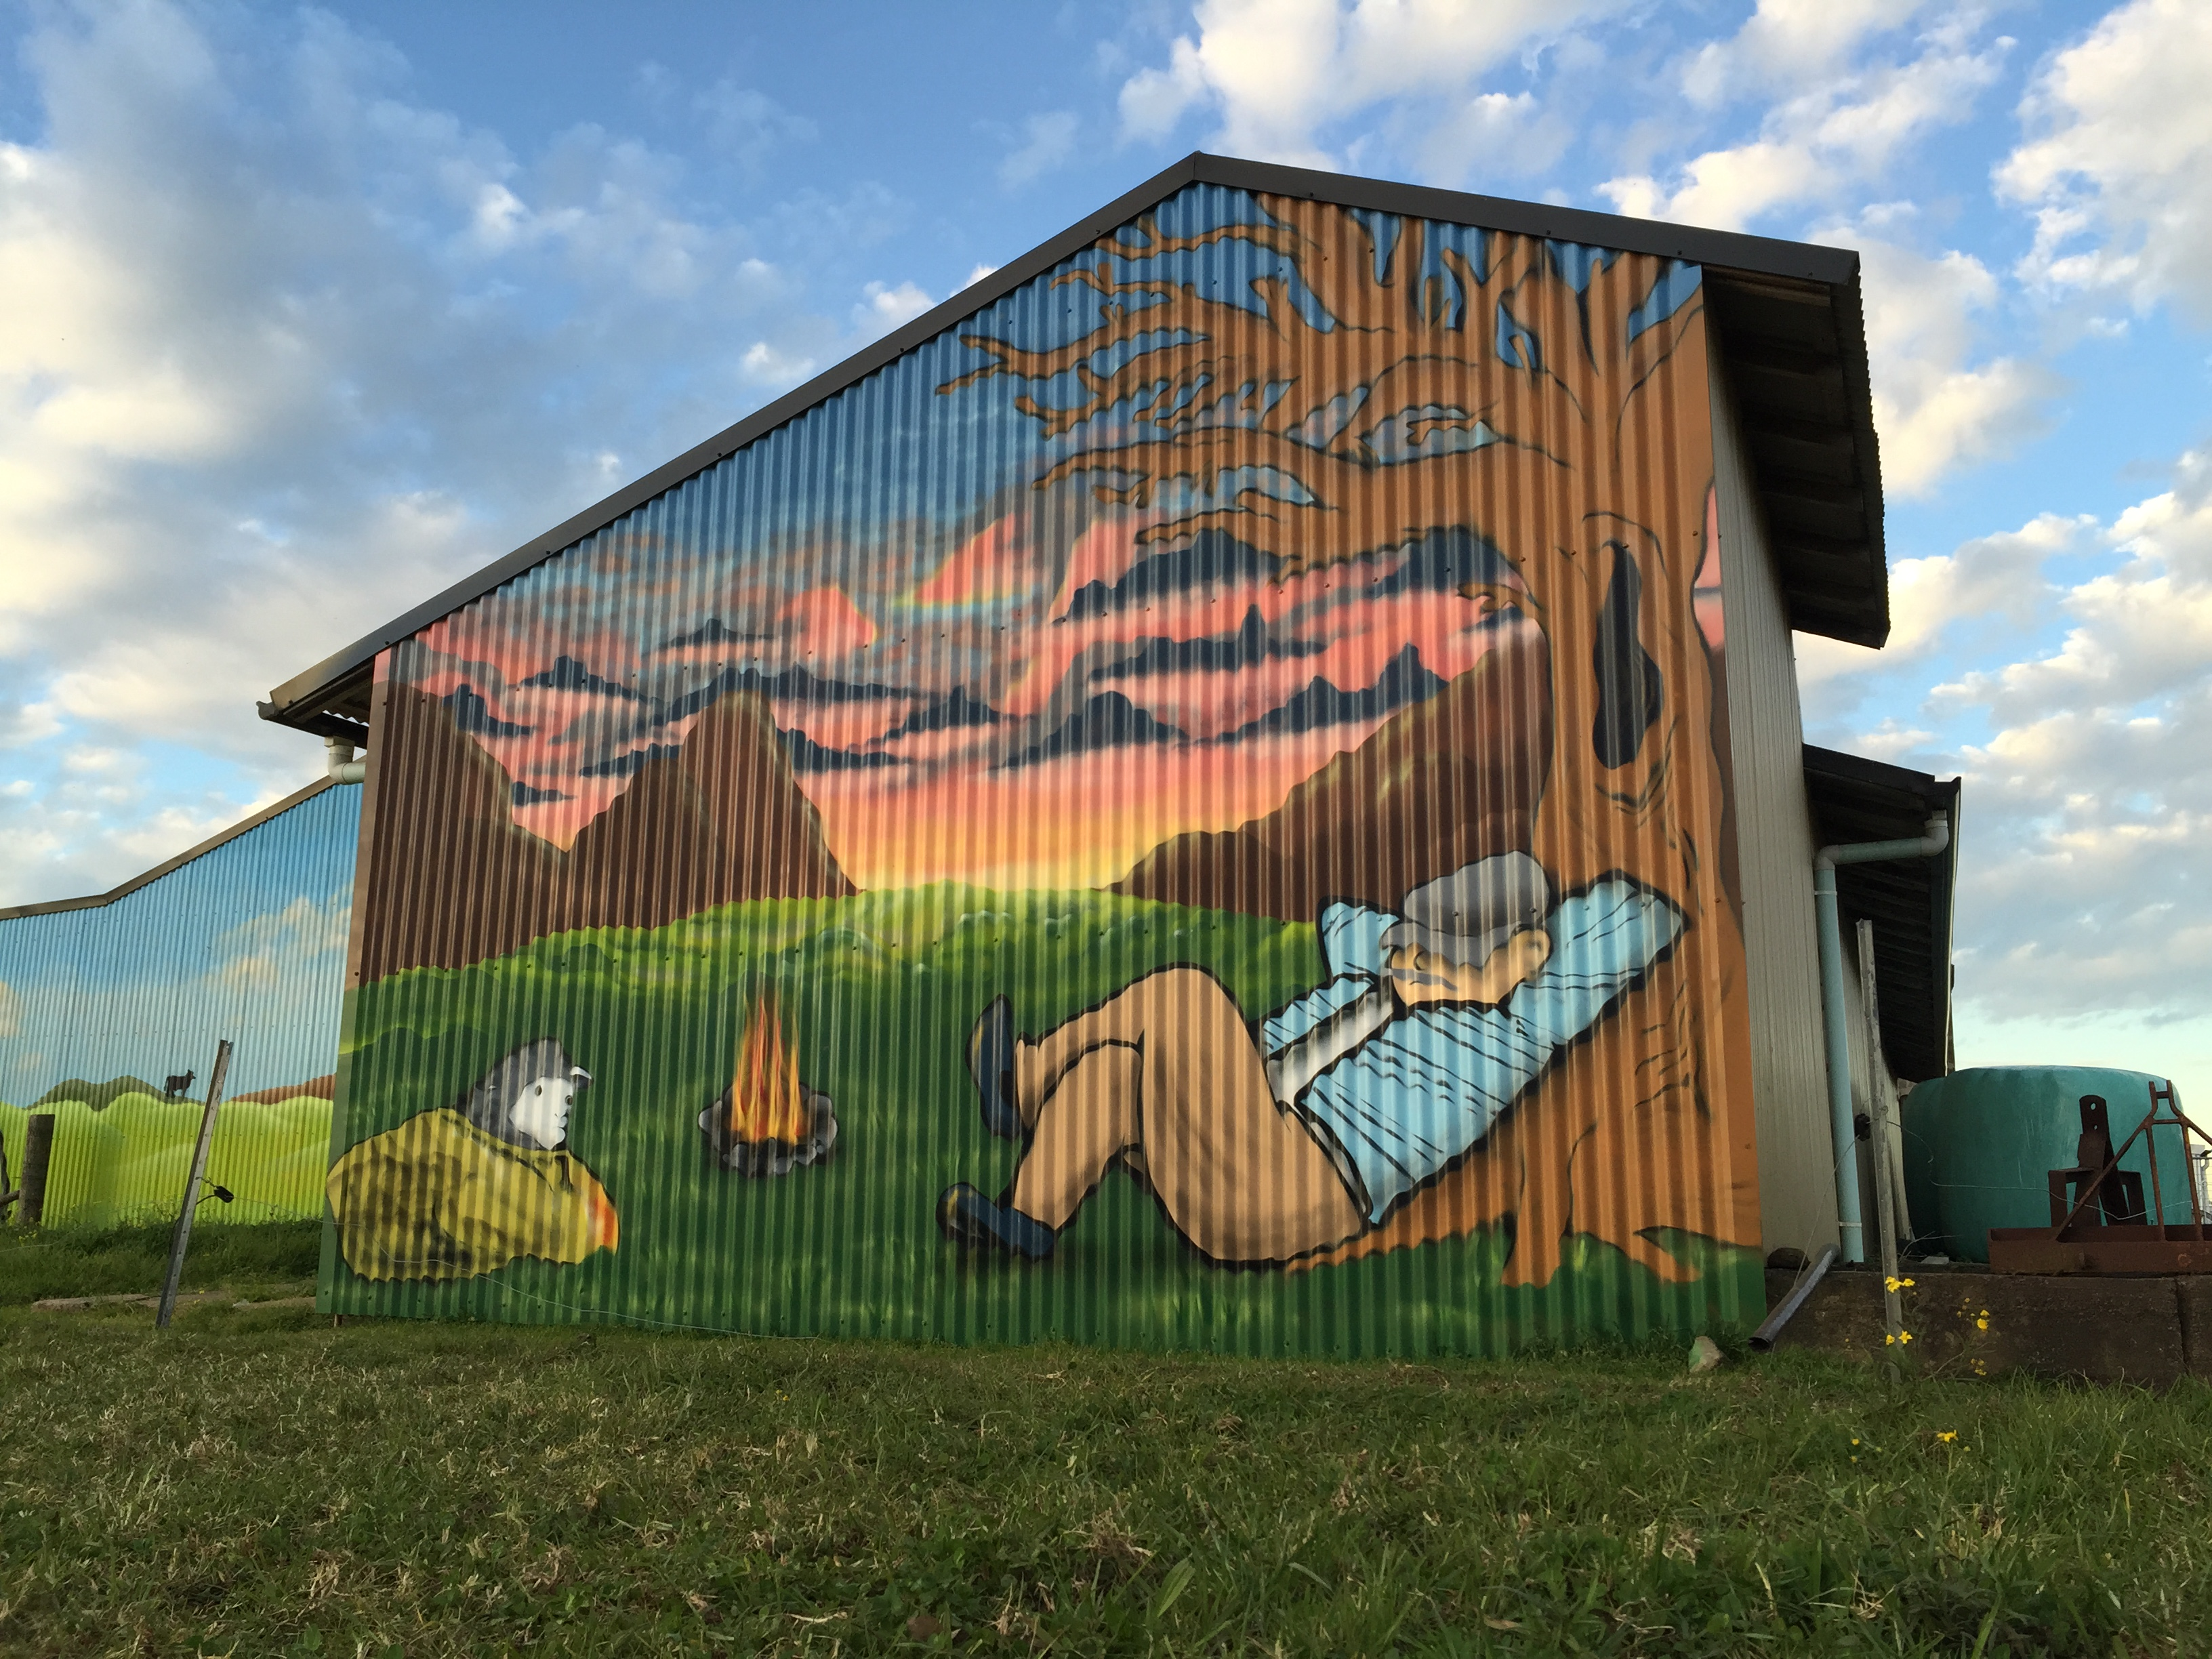 aussie outback mural art